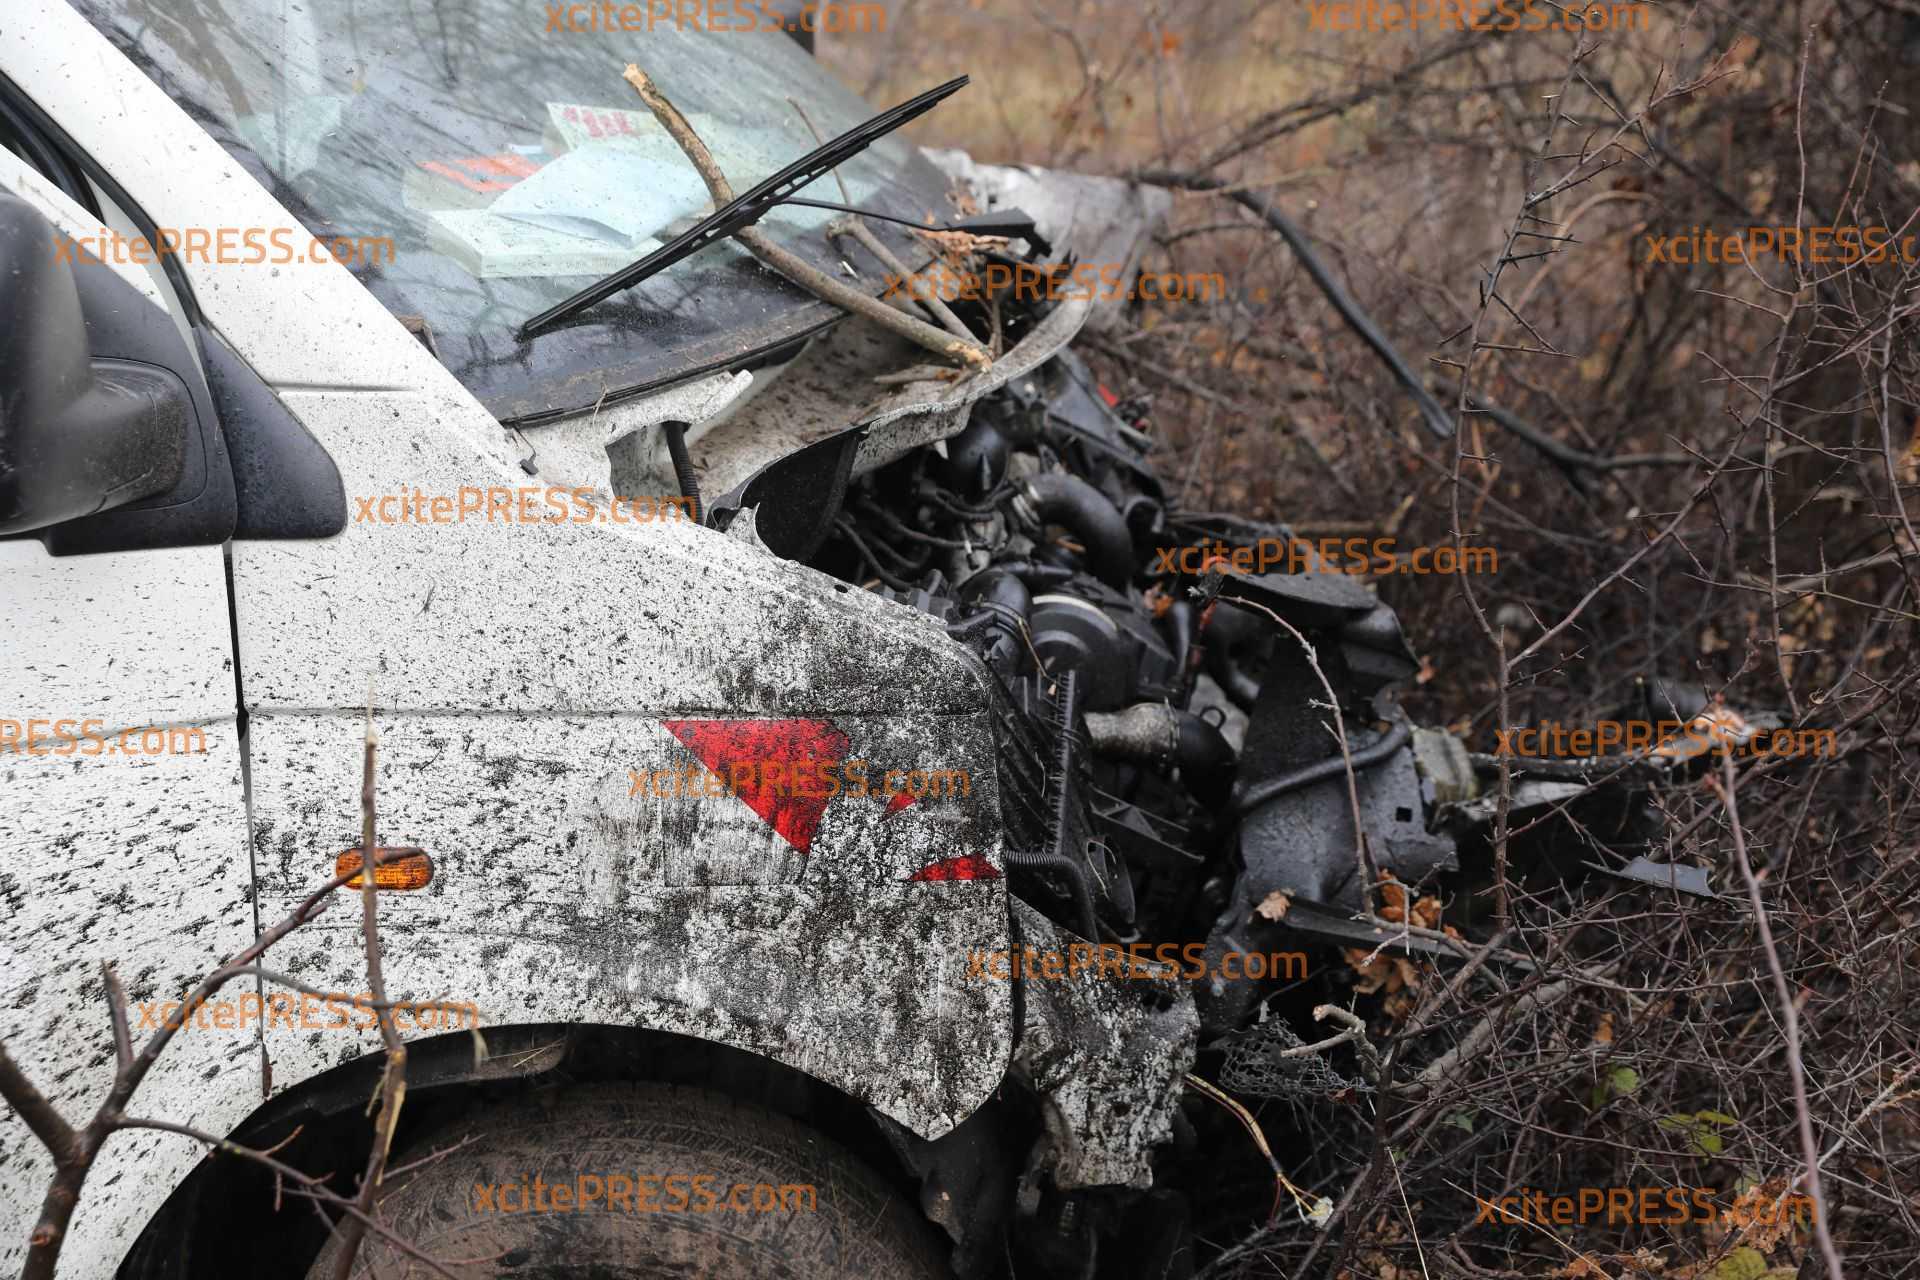 Transporter kommt von Fahrbahn kollidiert mit Baum: 1 Verletzter